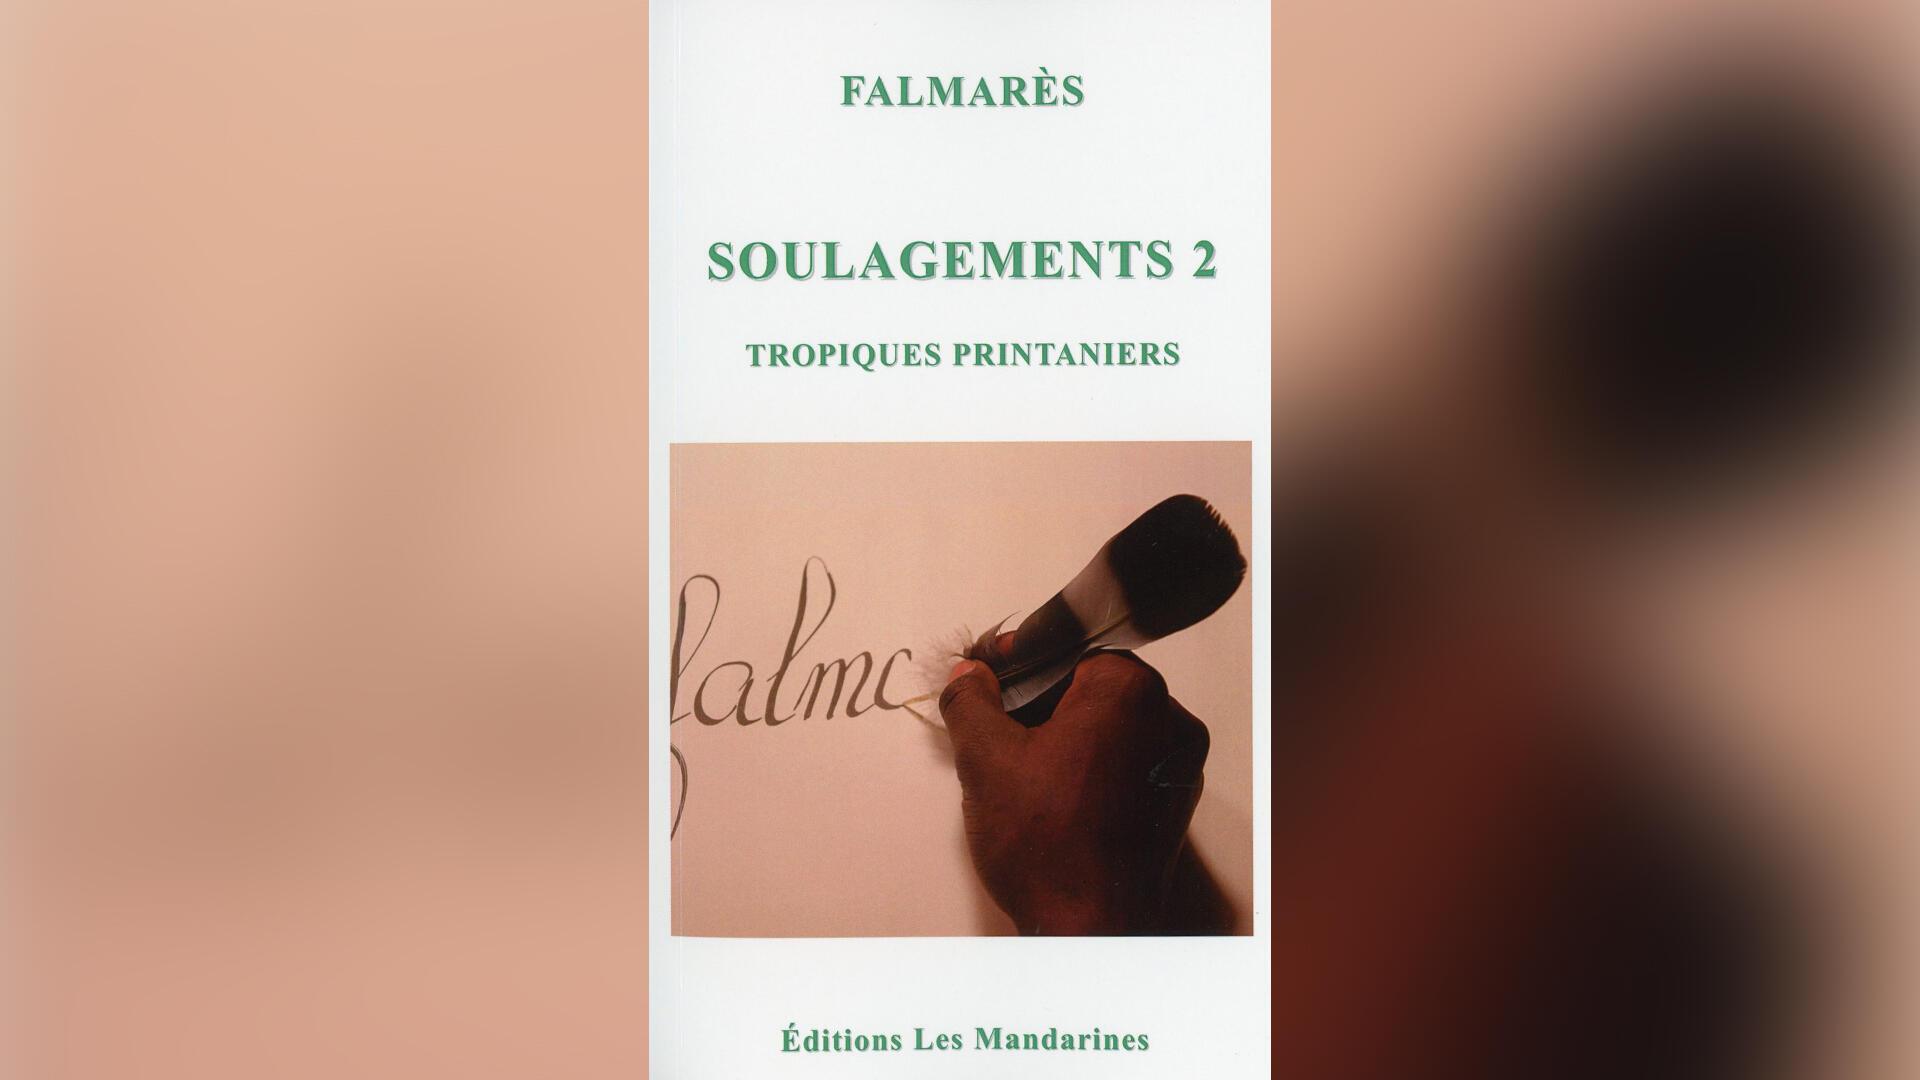 «Soulagement 2, tropiques printaniers», par Falmarès.